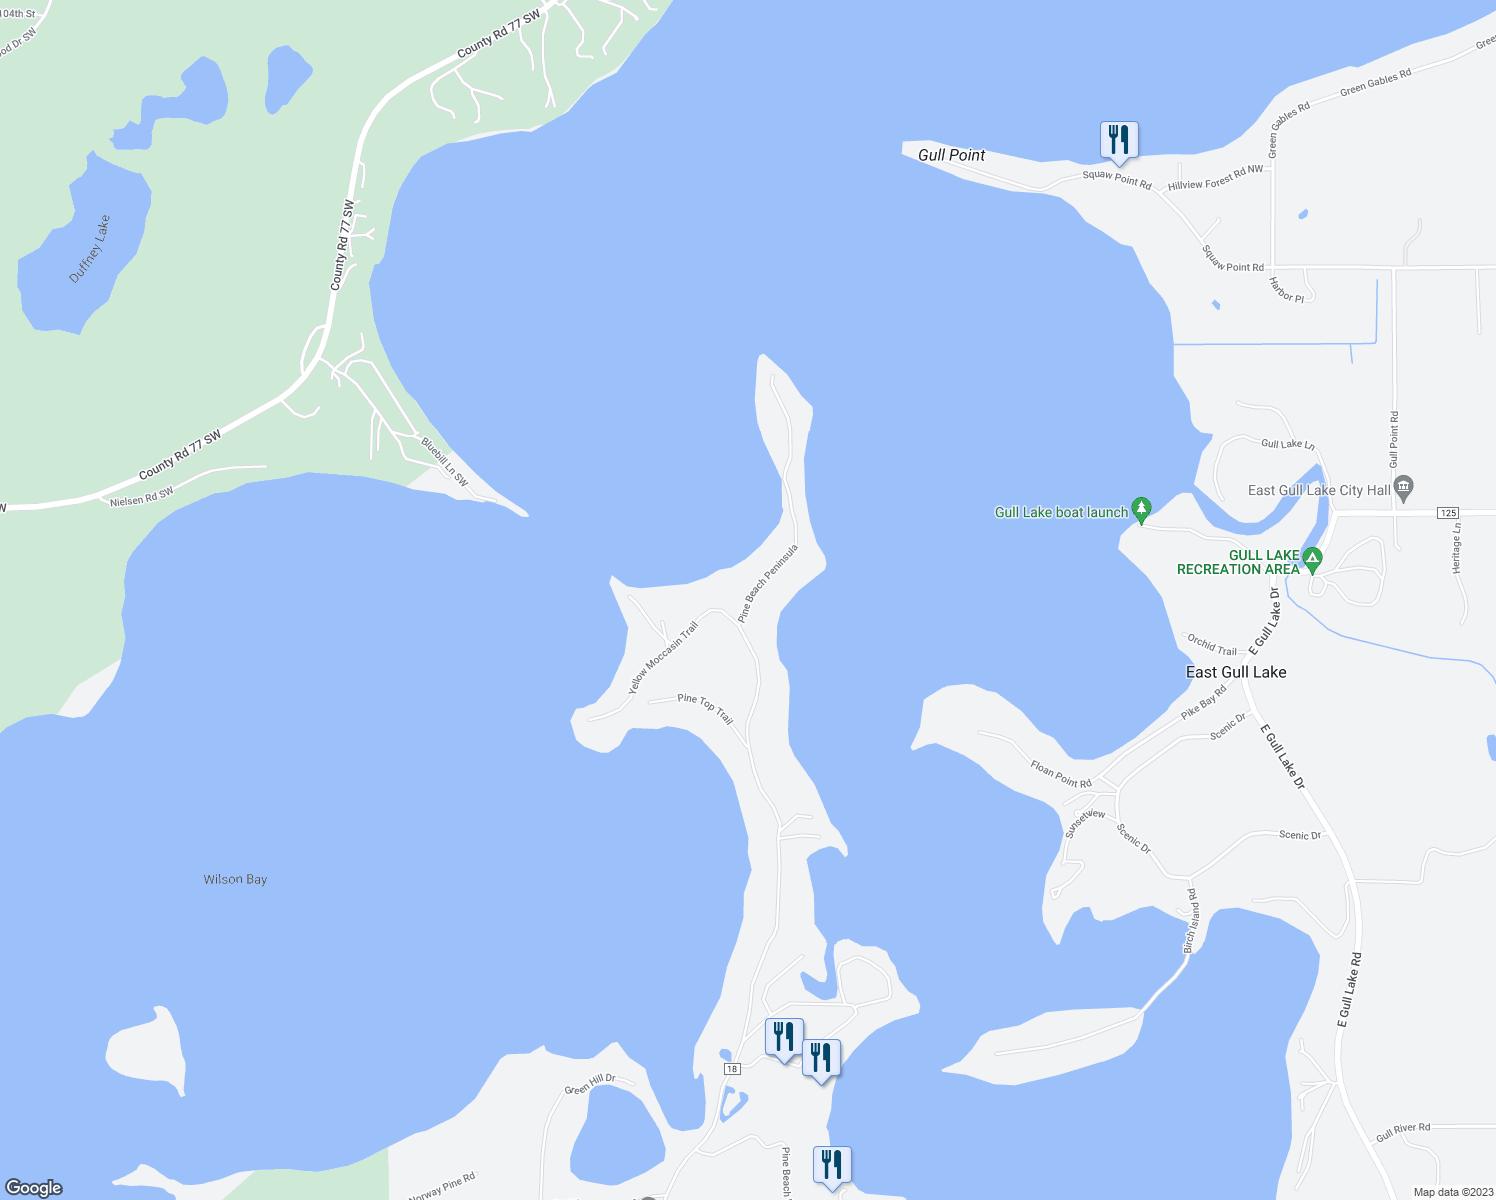 East Gull Lake Restaurants